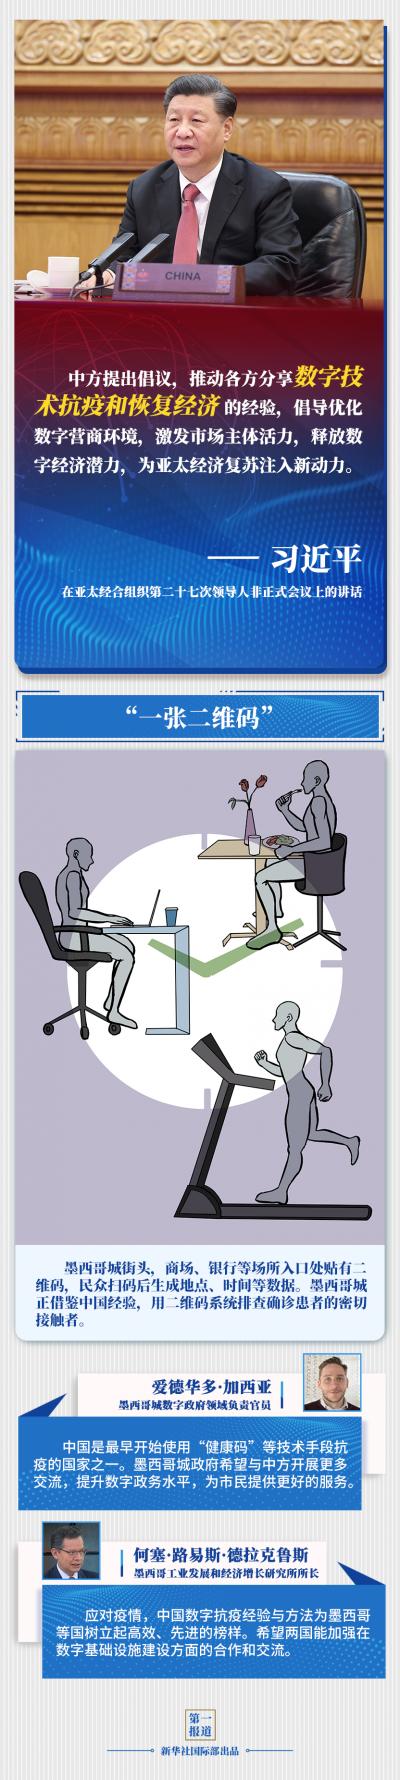 第一报道 | 中国的数字经济发展理念,让世界点赞